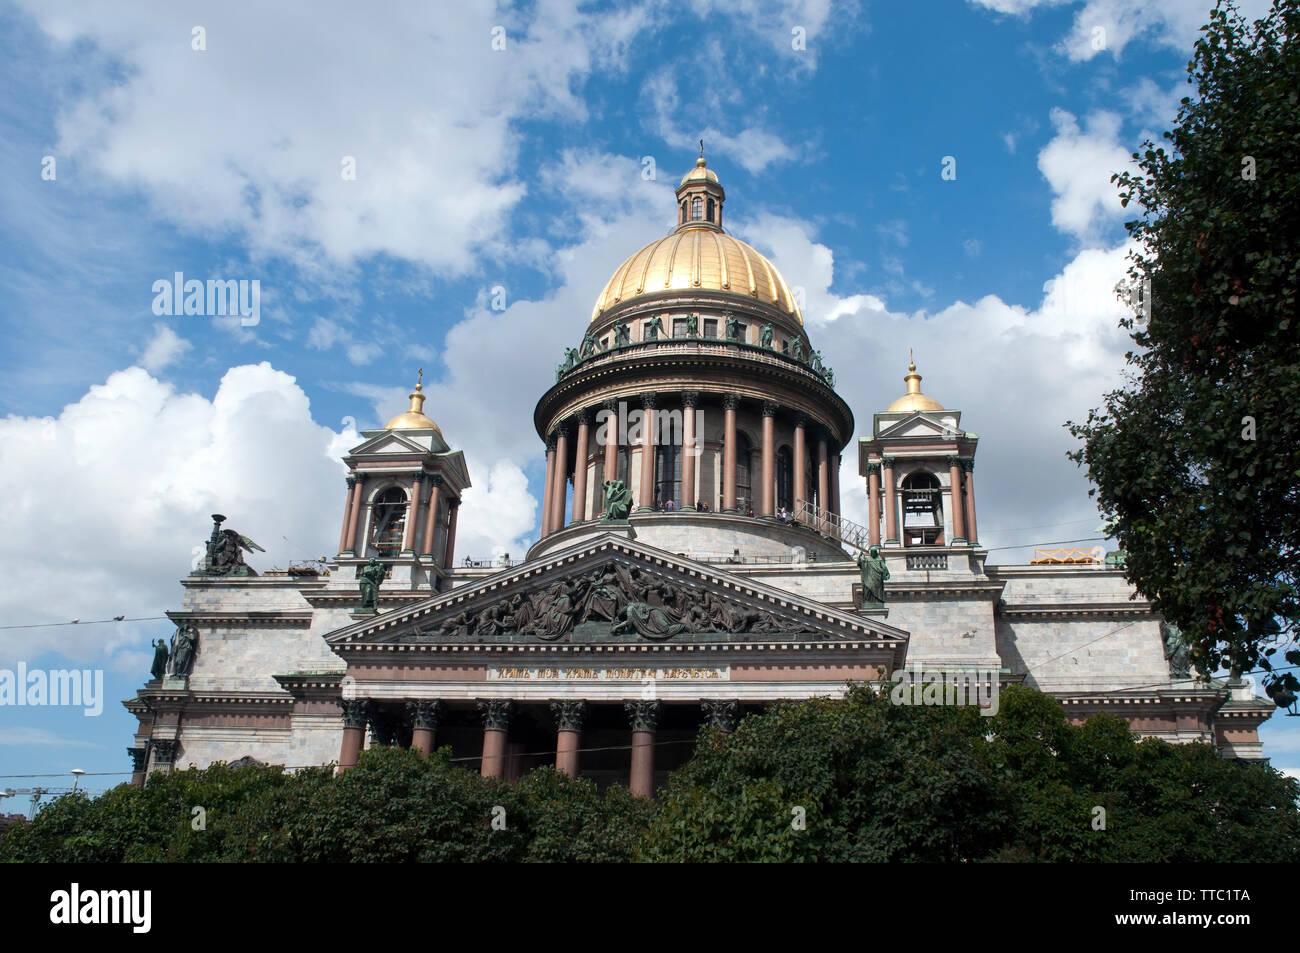 San Petersburgo, Rusia, vista del sur del pórtico de la Catedral de San Isaac o Isaakievskiy Sobor de park traducción al inglés ruso: Mi casa shal Foto de stock